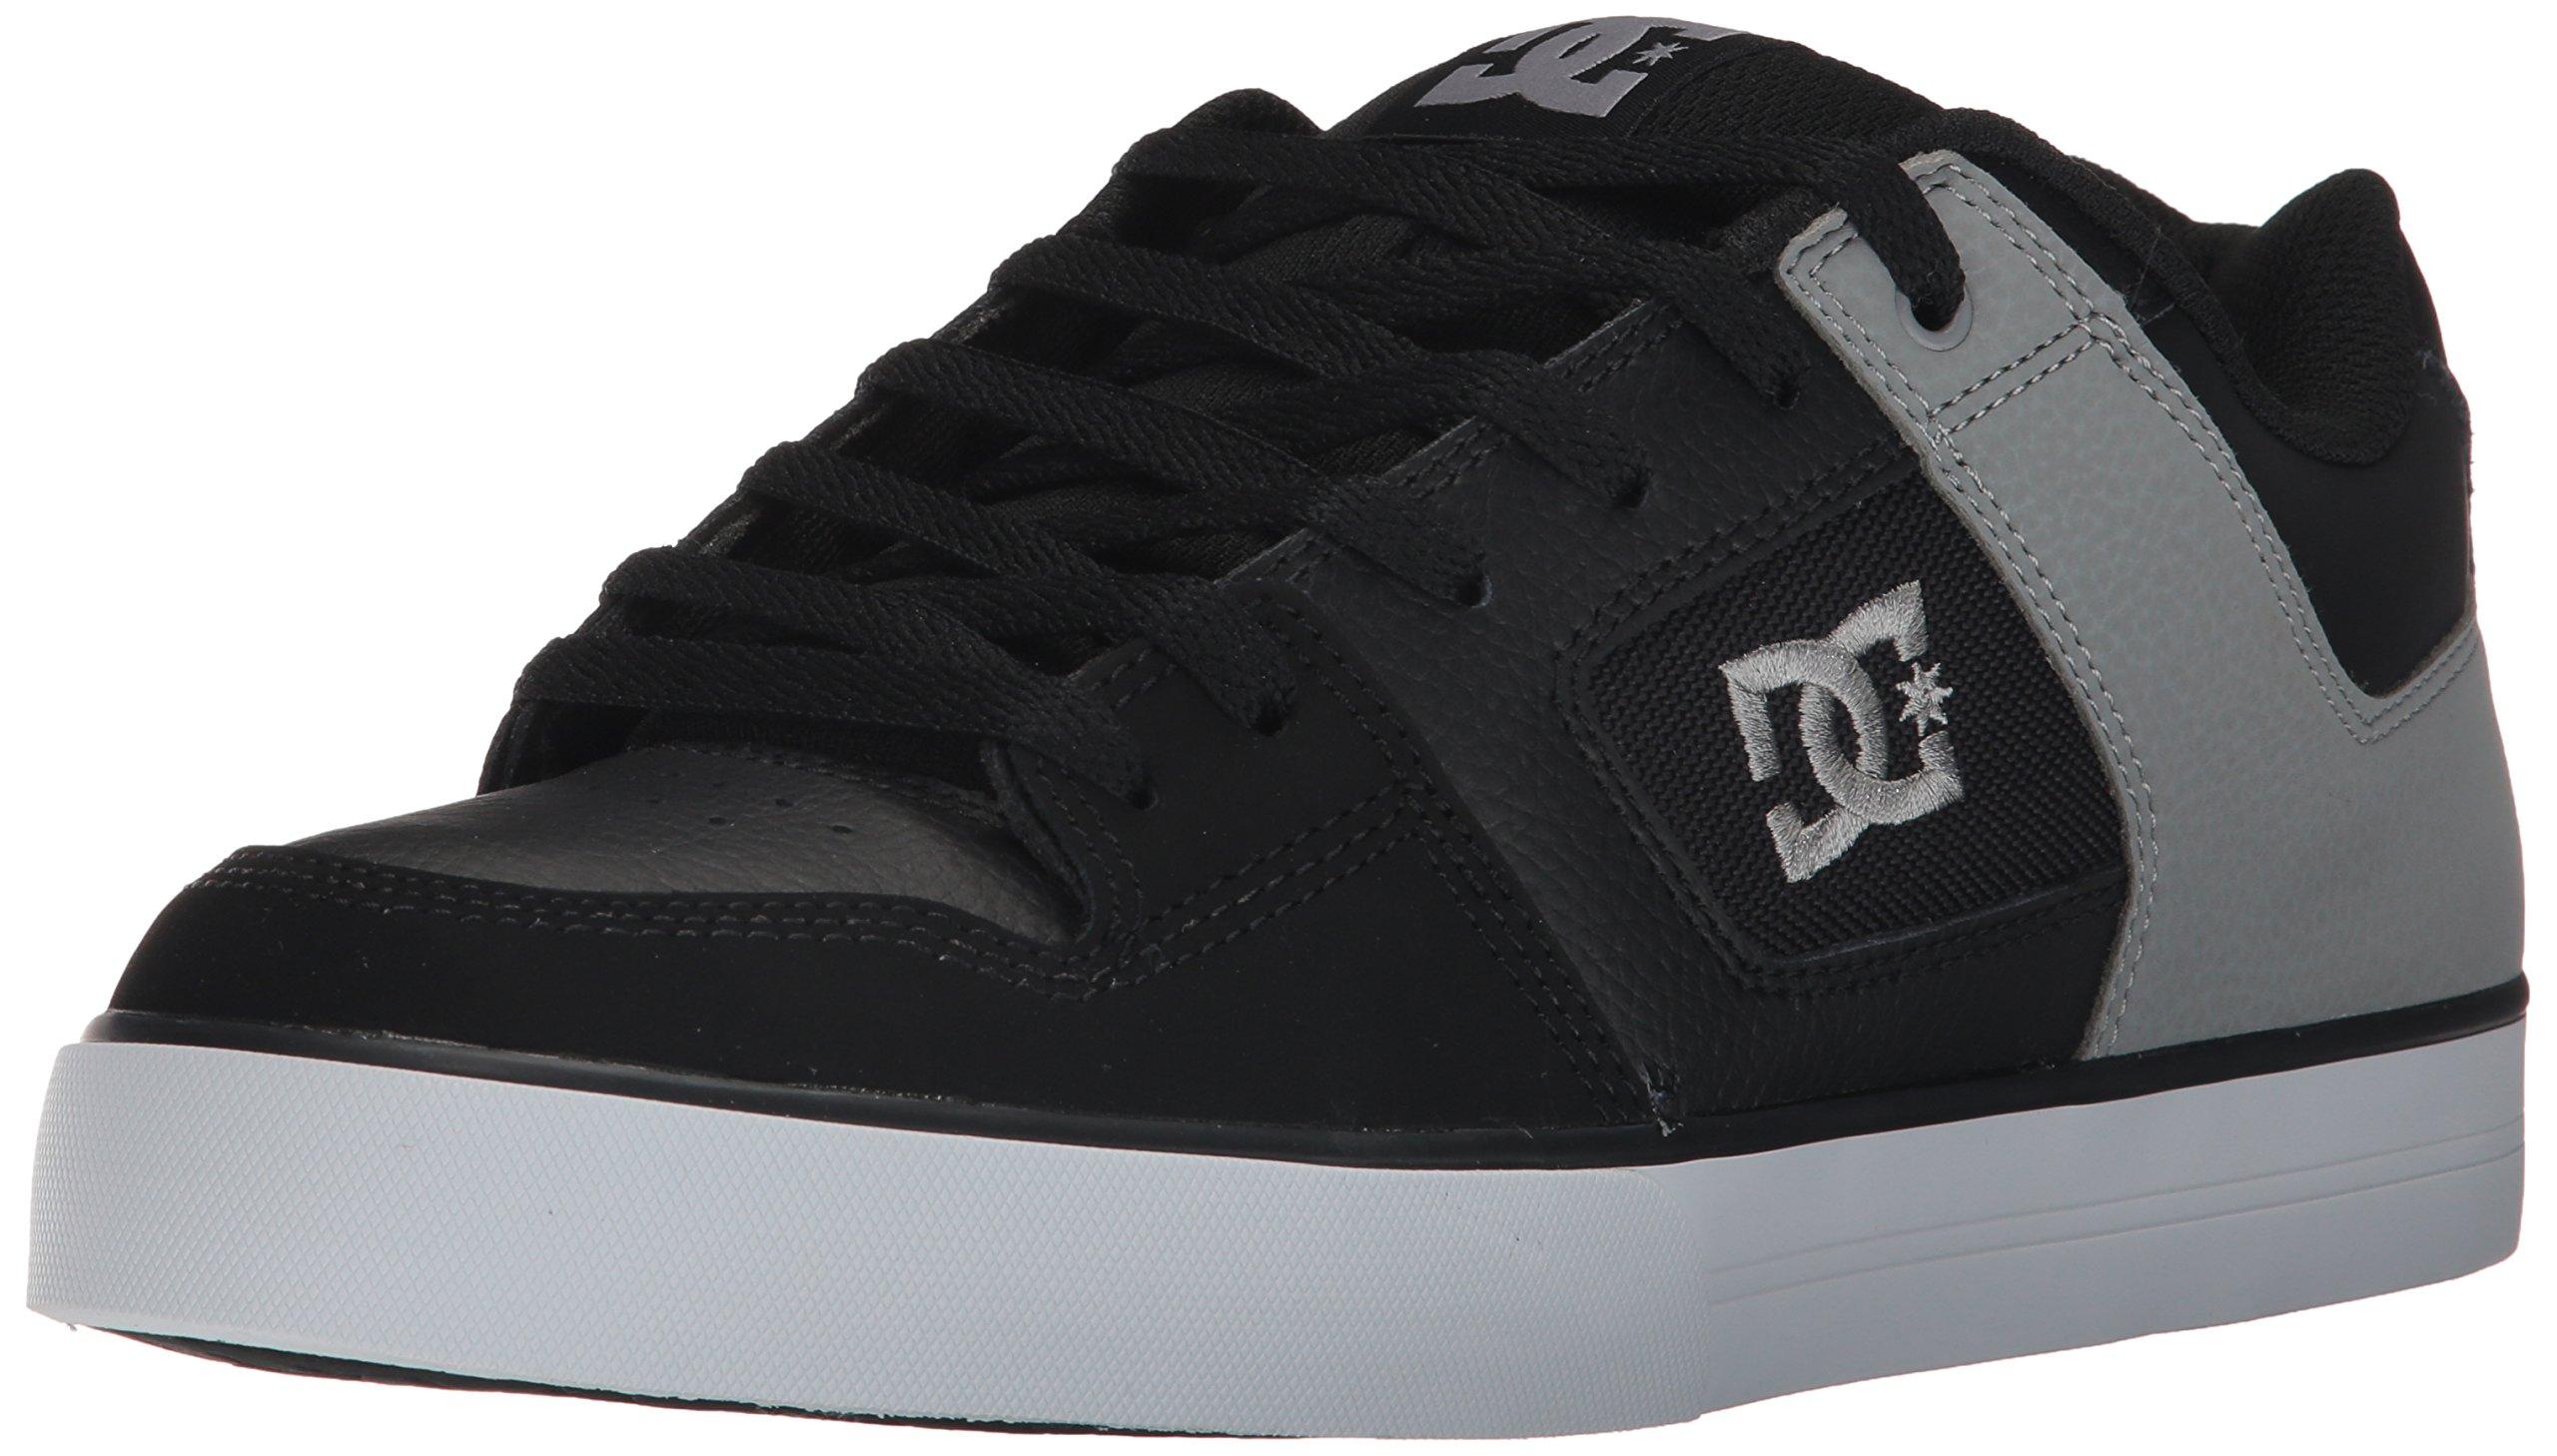 DC Shoes Mens Shoes Pure - Shoes - Men - 6 - Black Black/Black/Grey 6